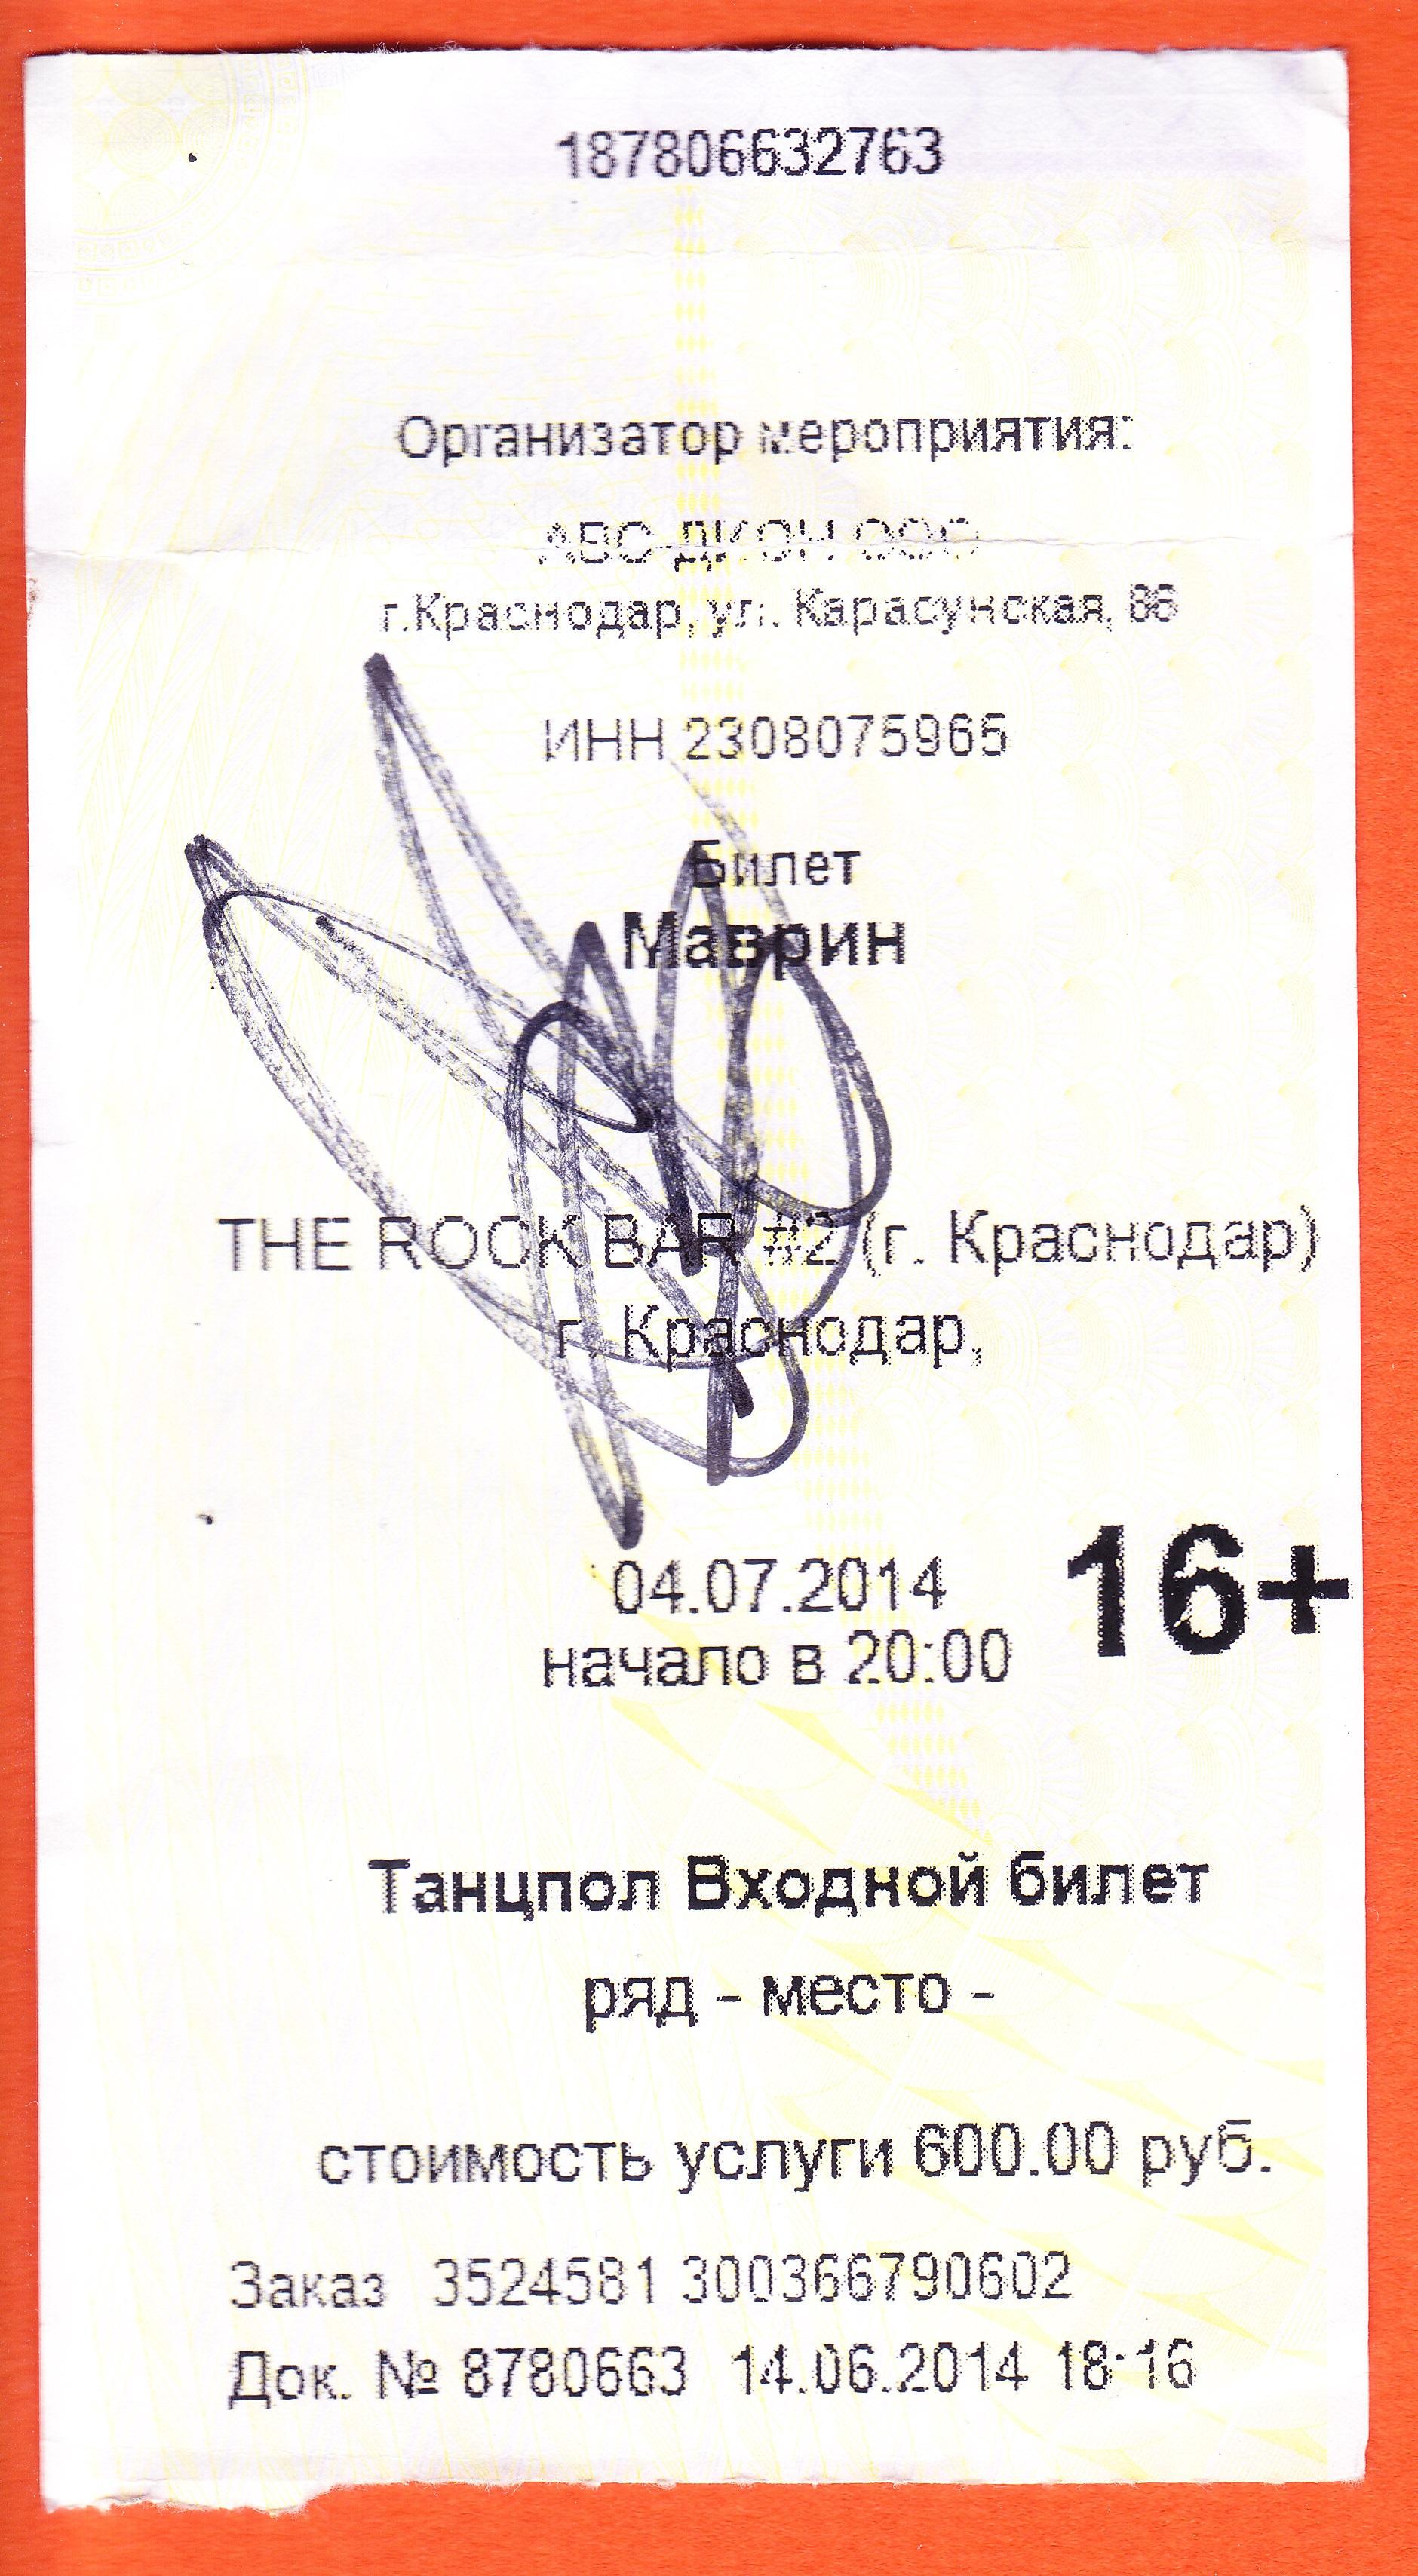 автограф Сергея Маврина на билете